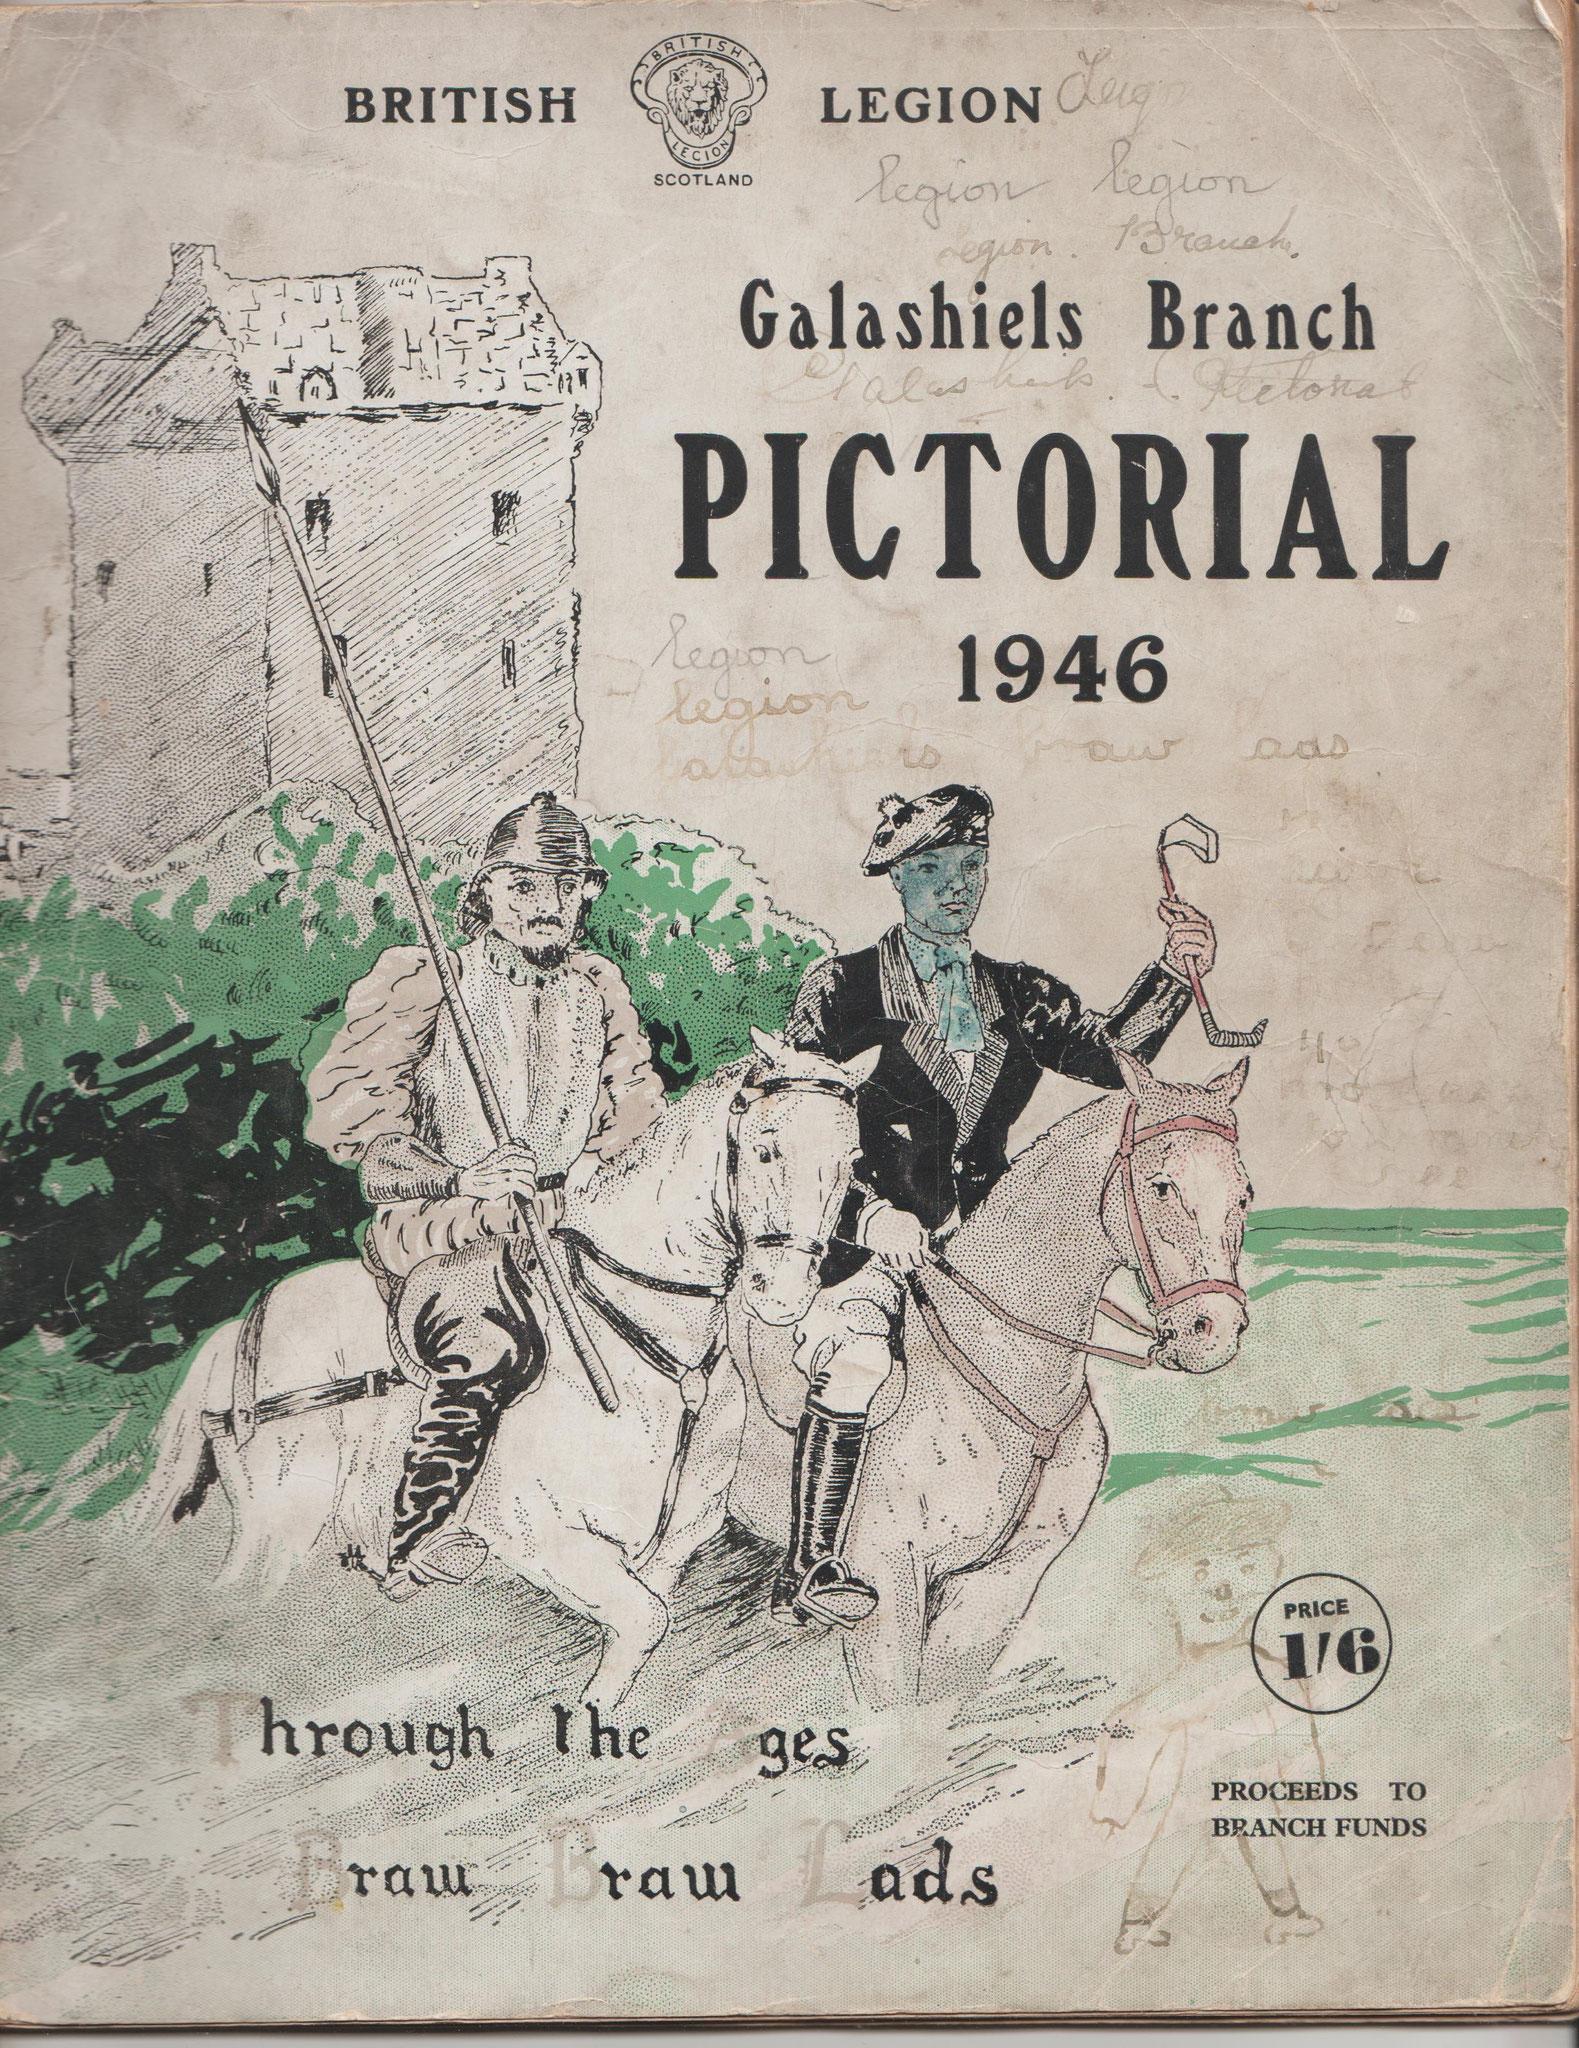 British Legion Galashield Branch Pictorial, 1946